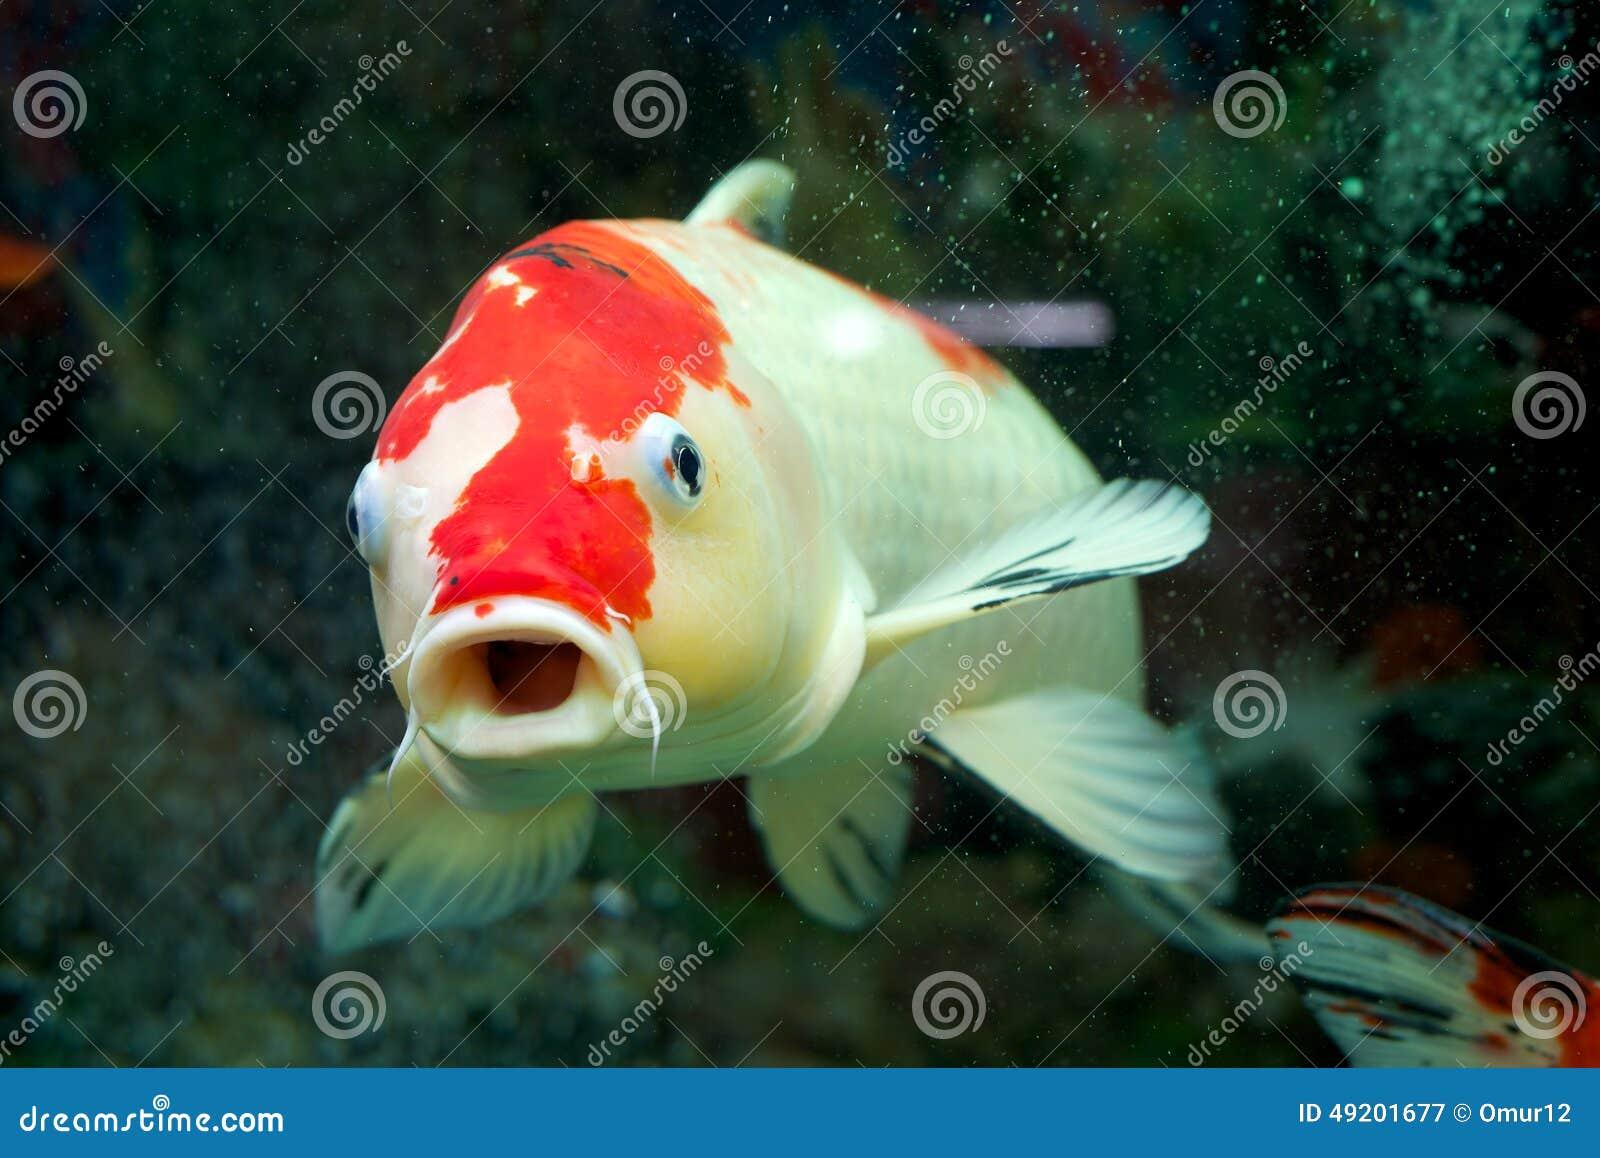 Carpa en el acuario casero imagen de archivo imagen de for Carpas para acuario